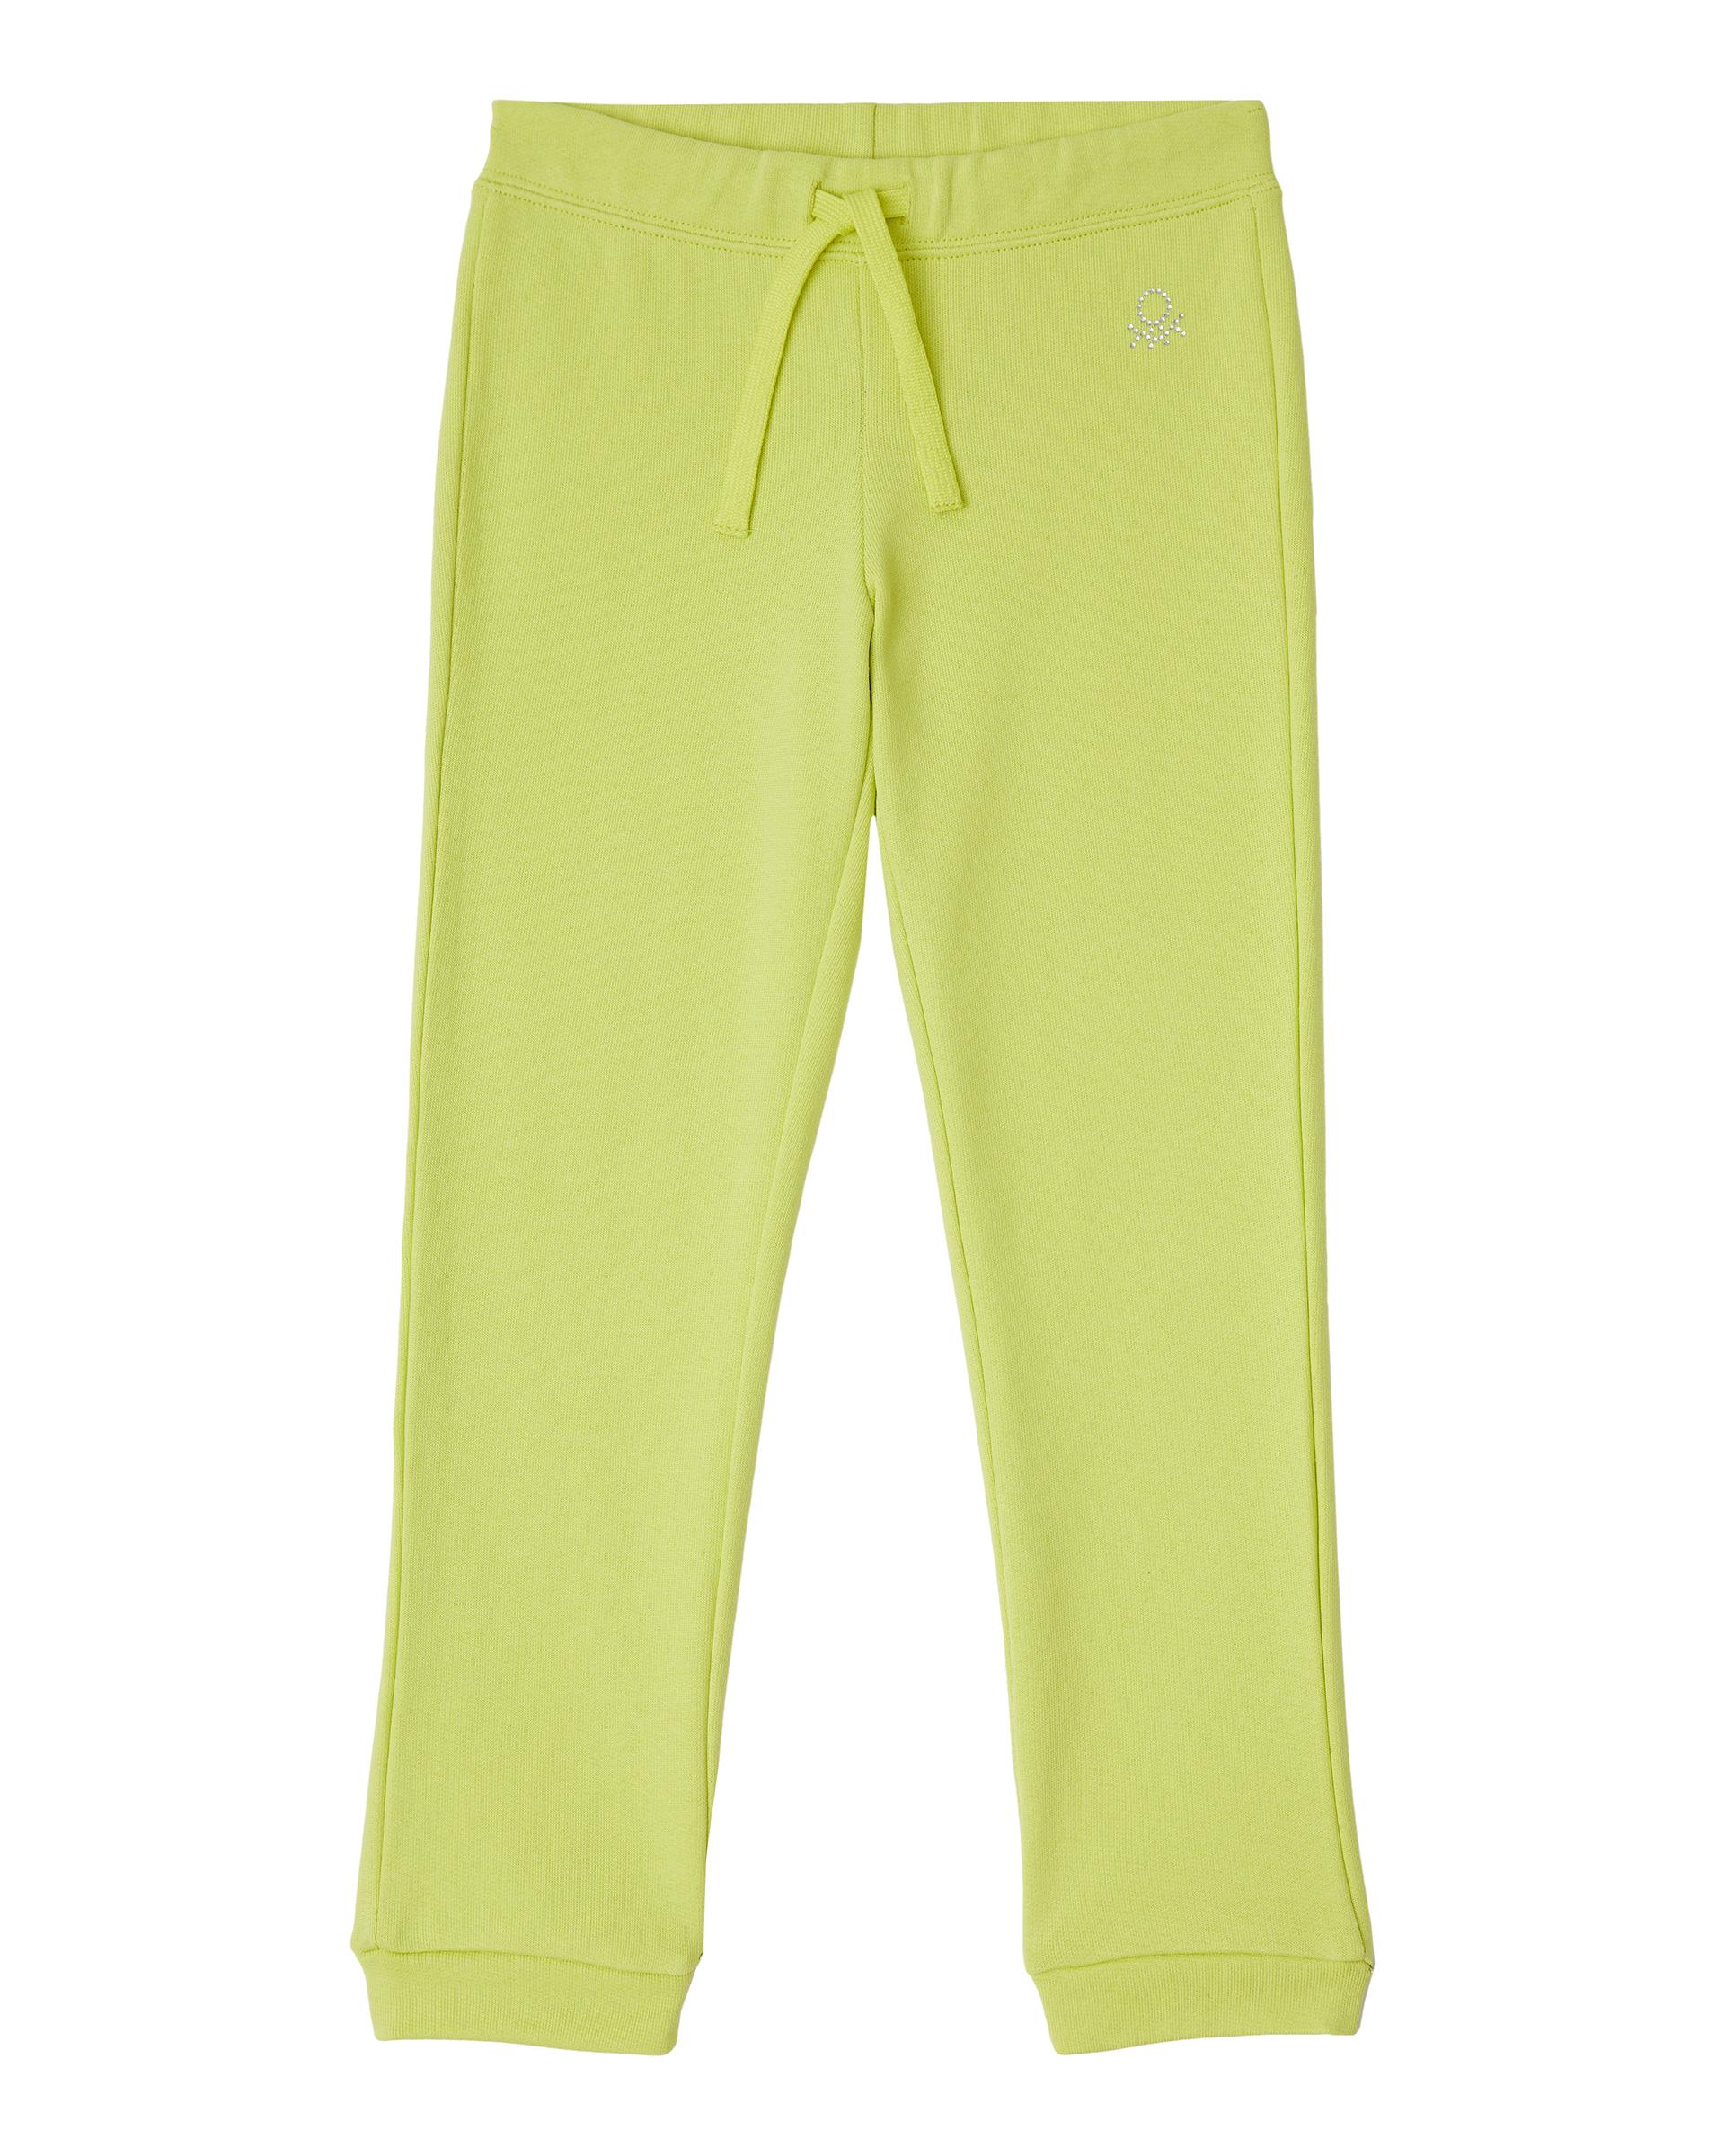 Купить 20P_3J68I0897_28M, Спортивные брюки для девочек Benetton 3J68I0897_28M р-р 92, United Colors of Benetton, Шорты и брюки для новорожденных